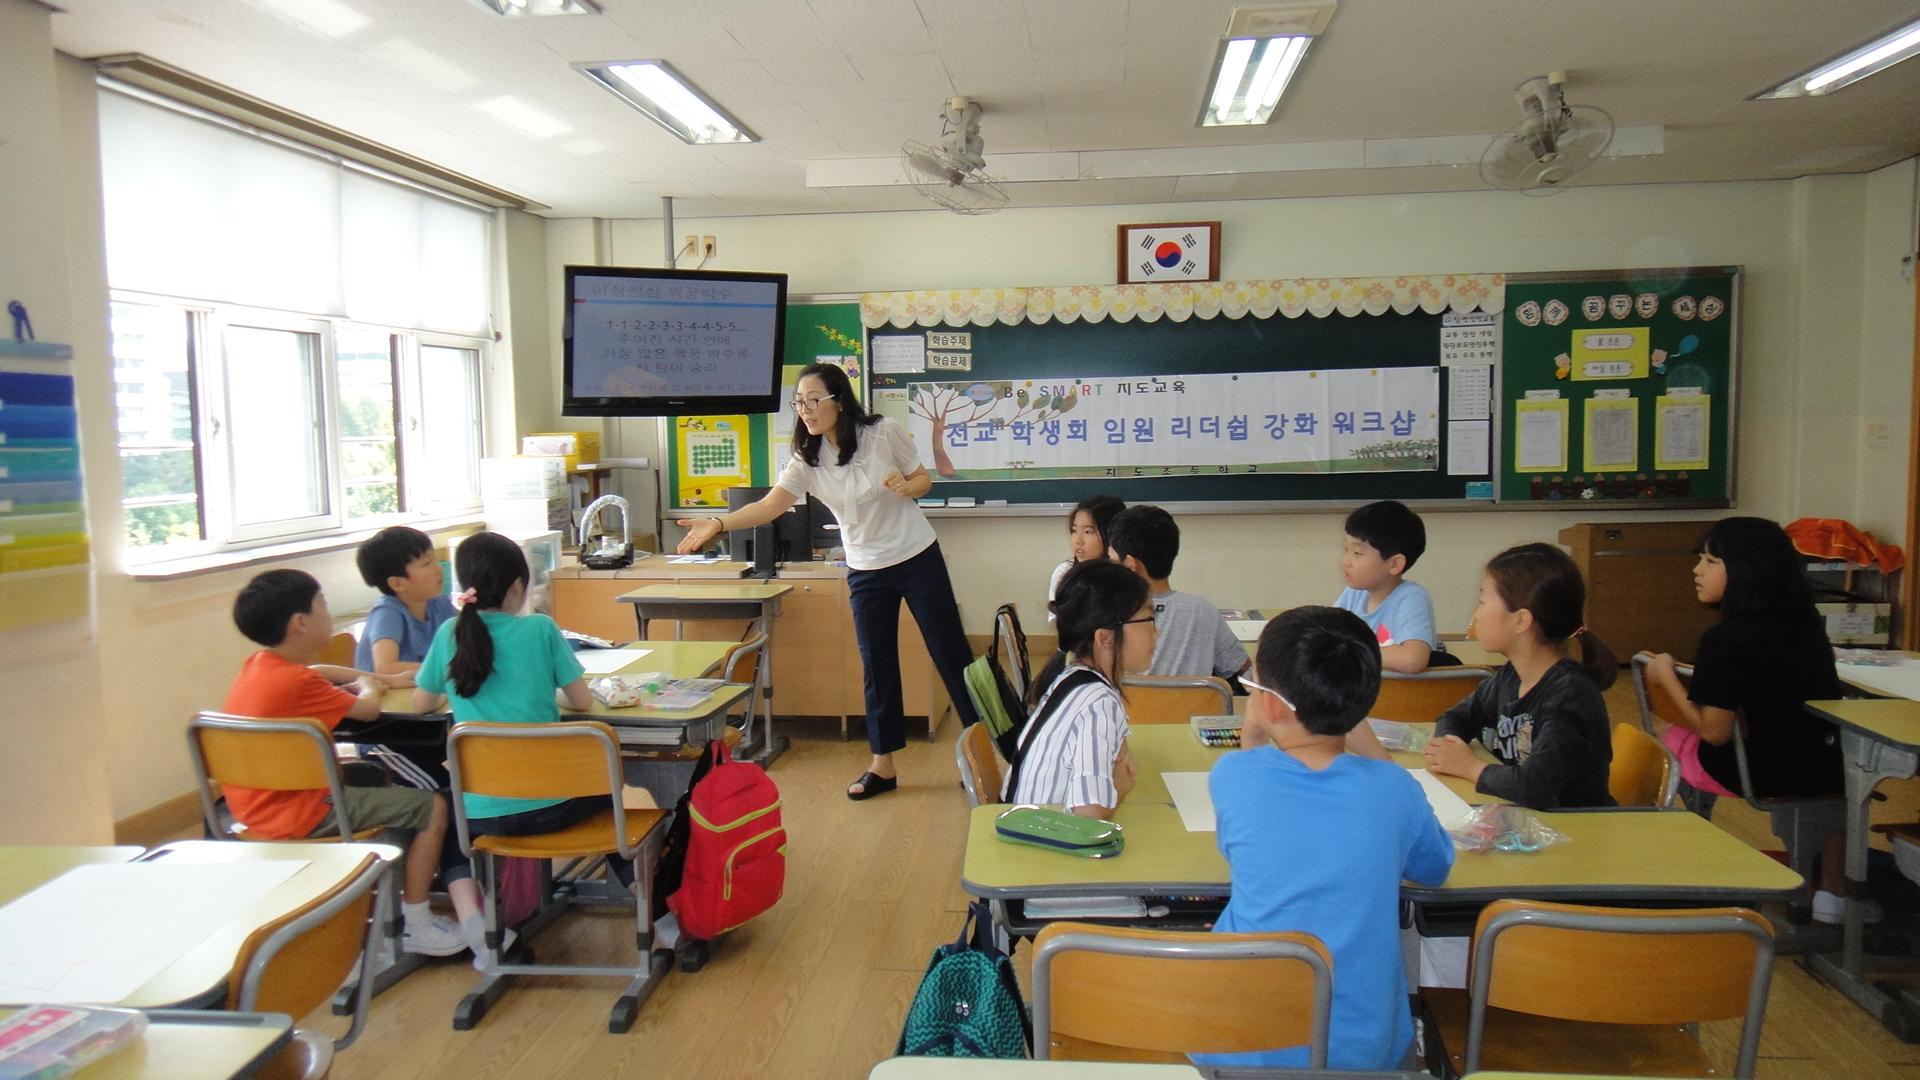 [일반] 2학기 전교 학생회 리더십 교육이 있었습니다.의 첨부이미지 2